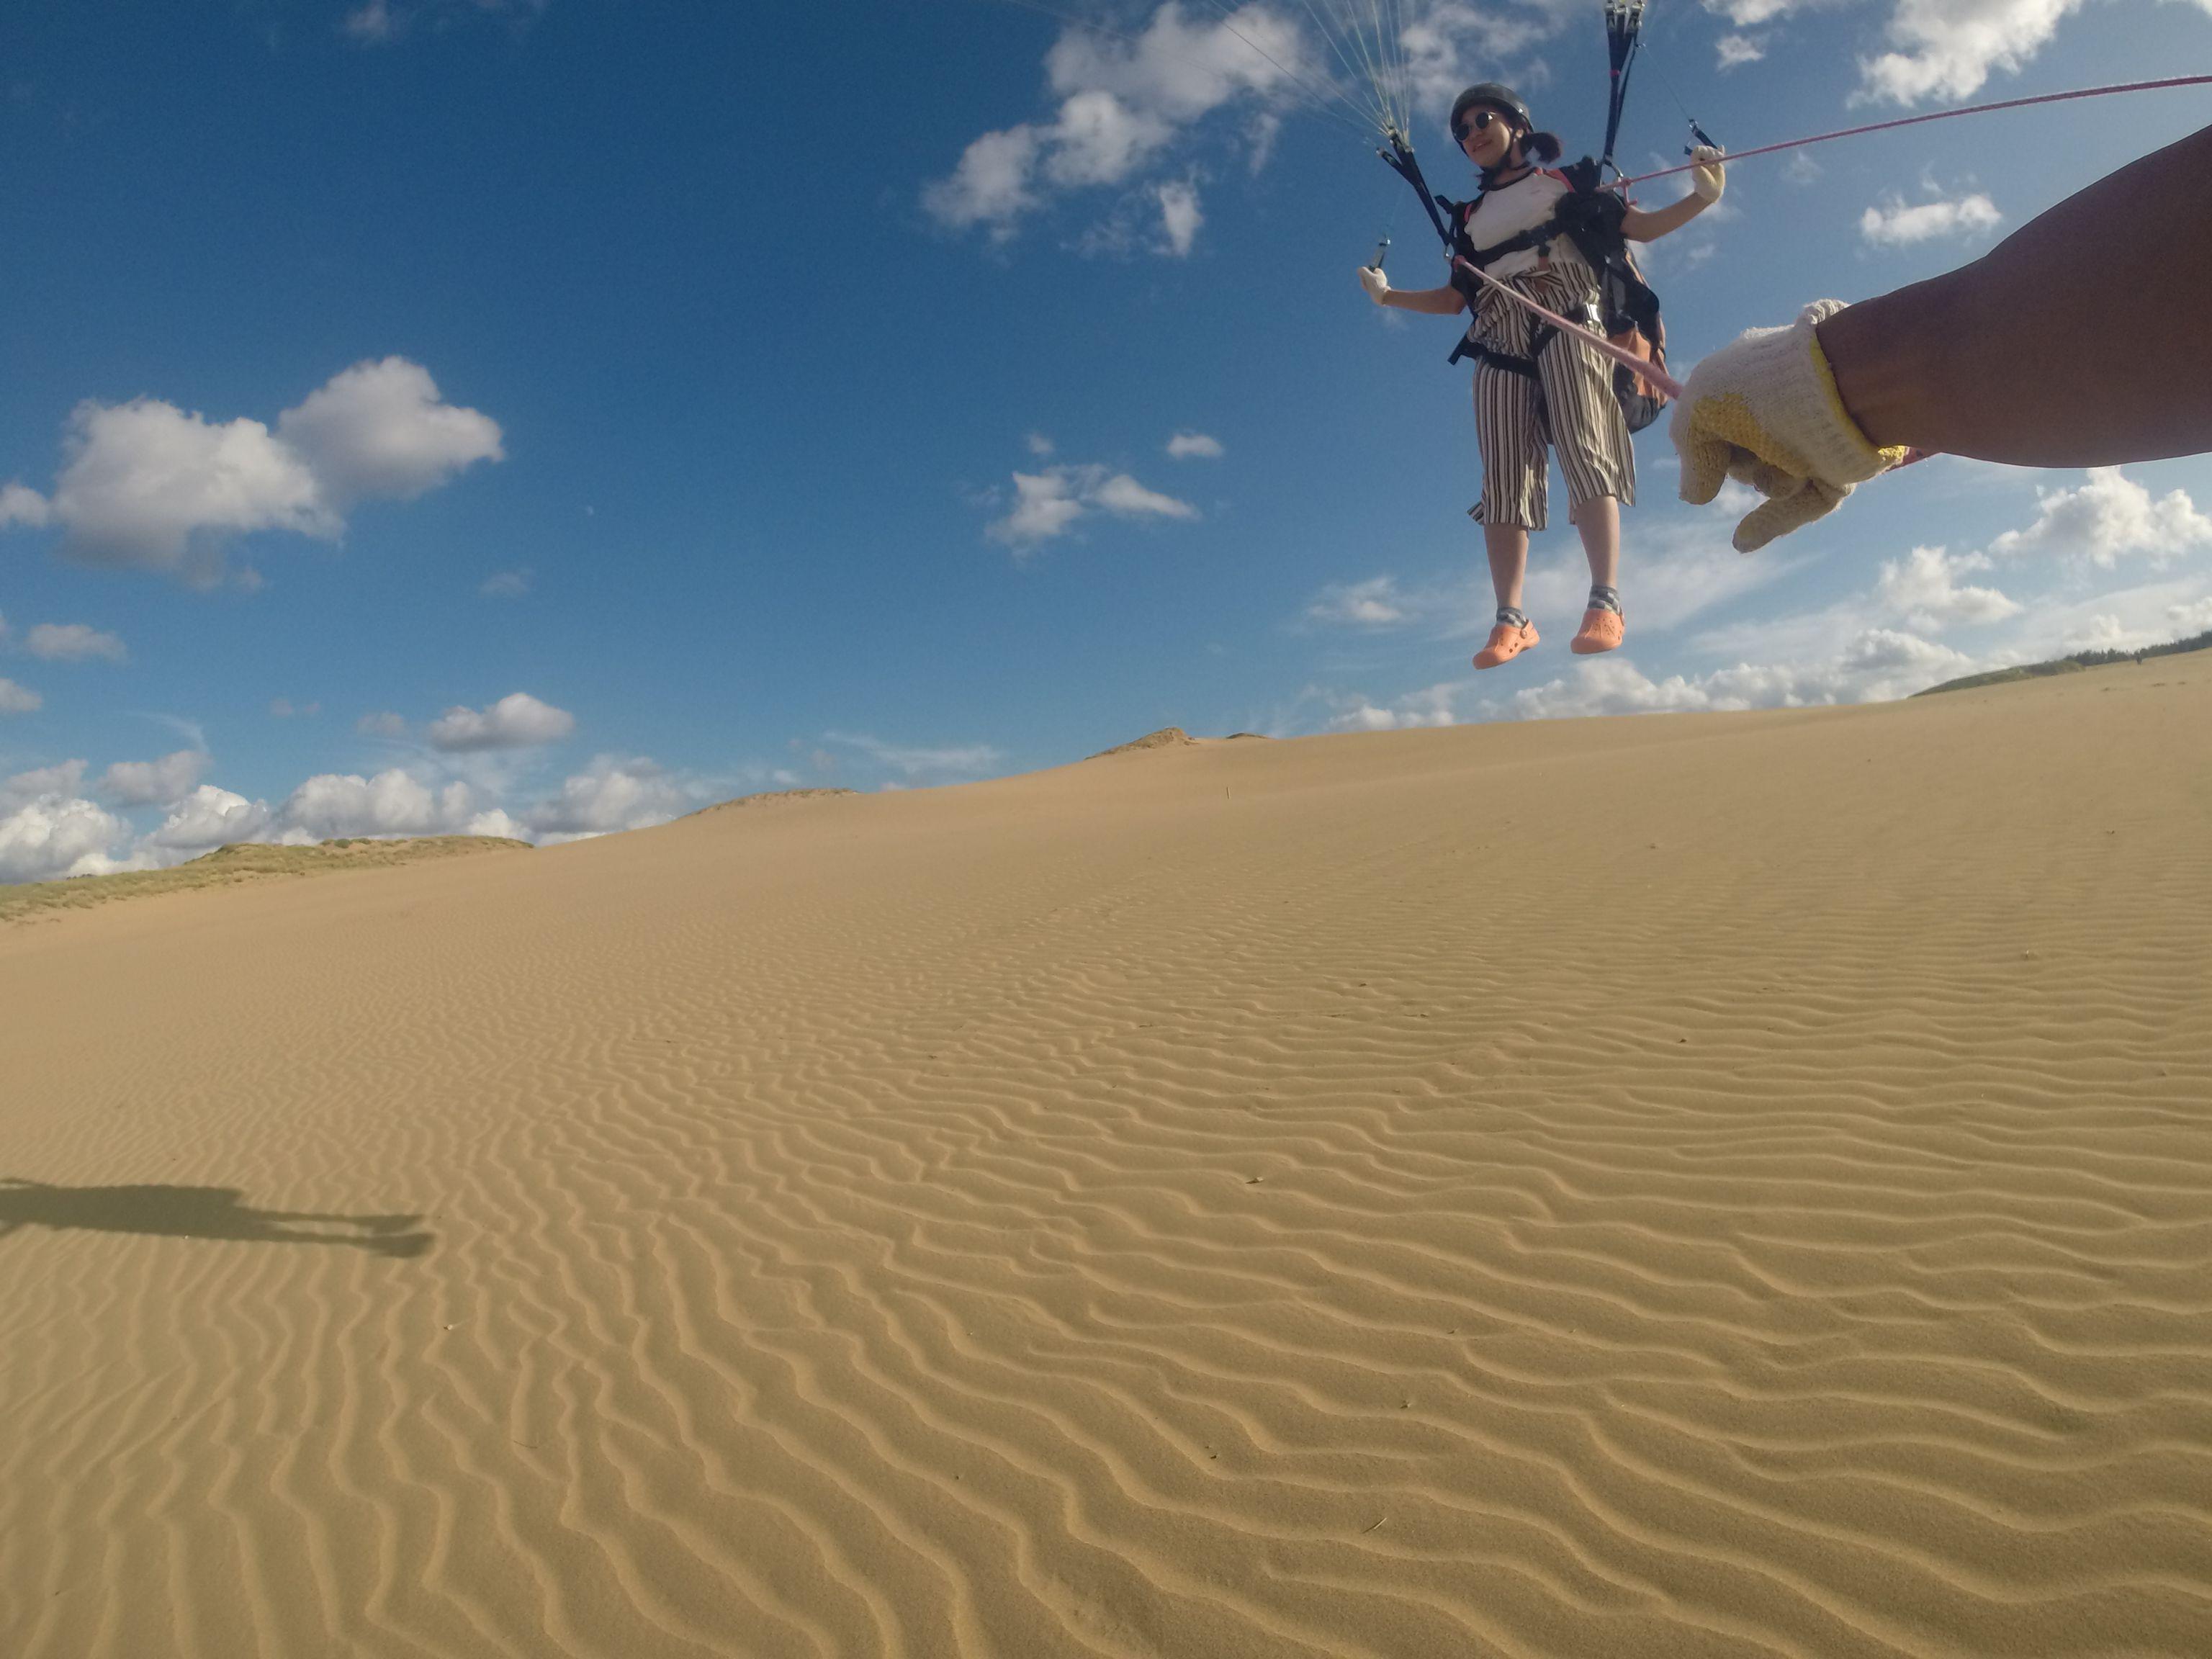 くっきり風紋が残る砂丘の上を悠々フライト